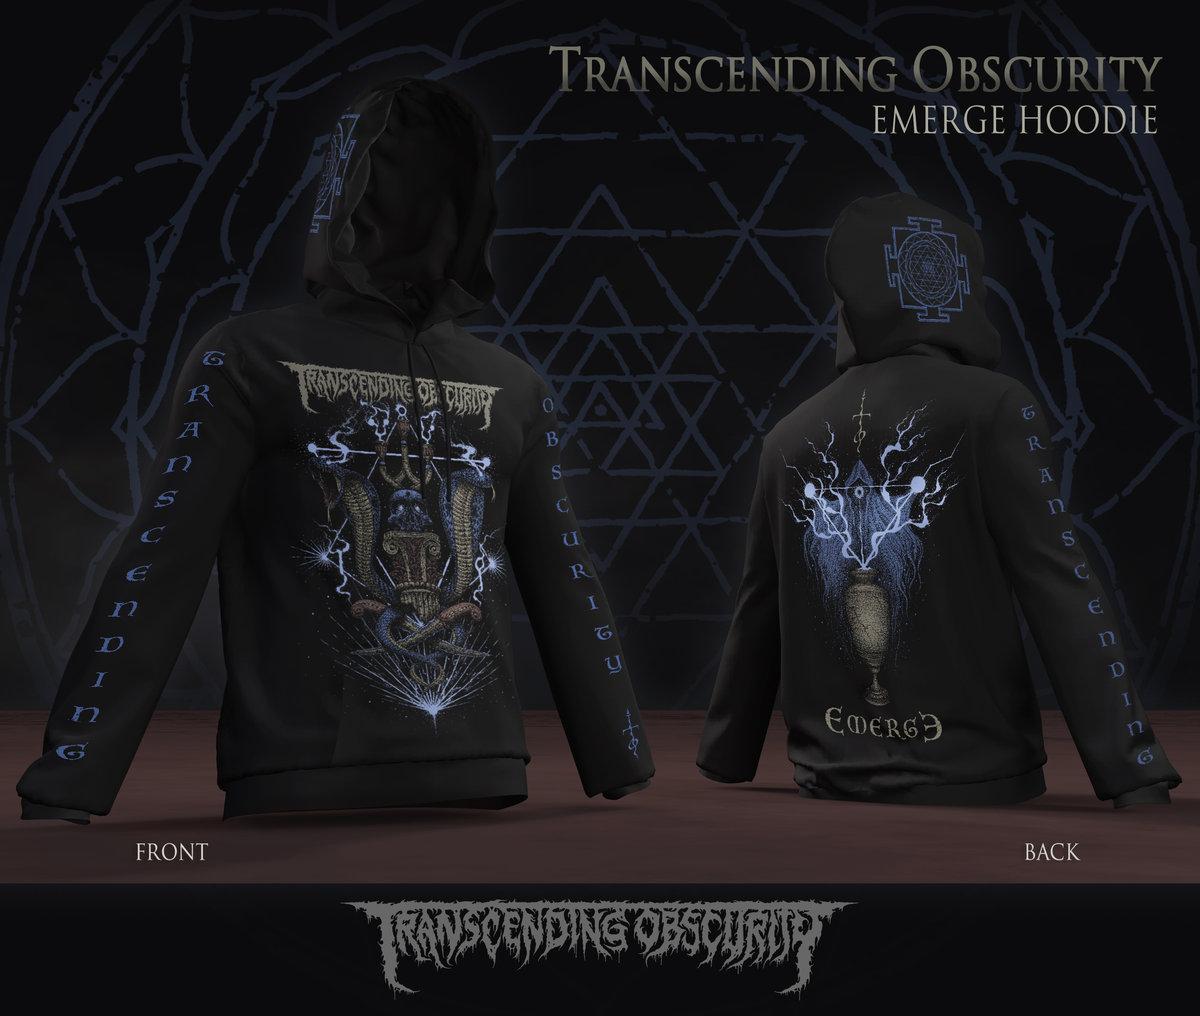 Transcending Obscurity 2019 Label Sampler Hoodie